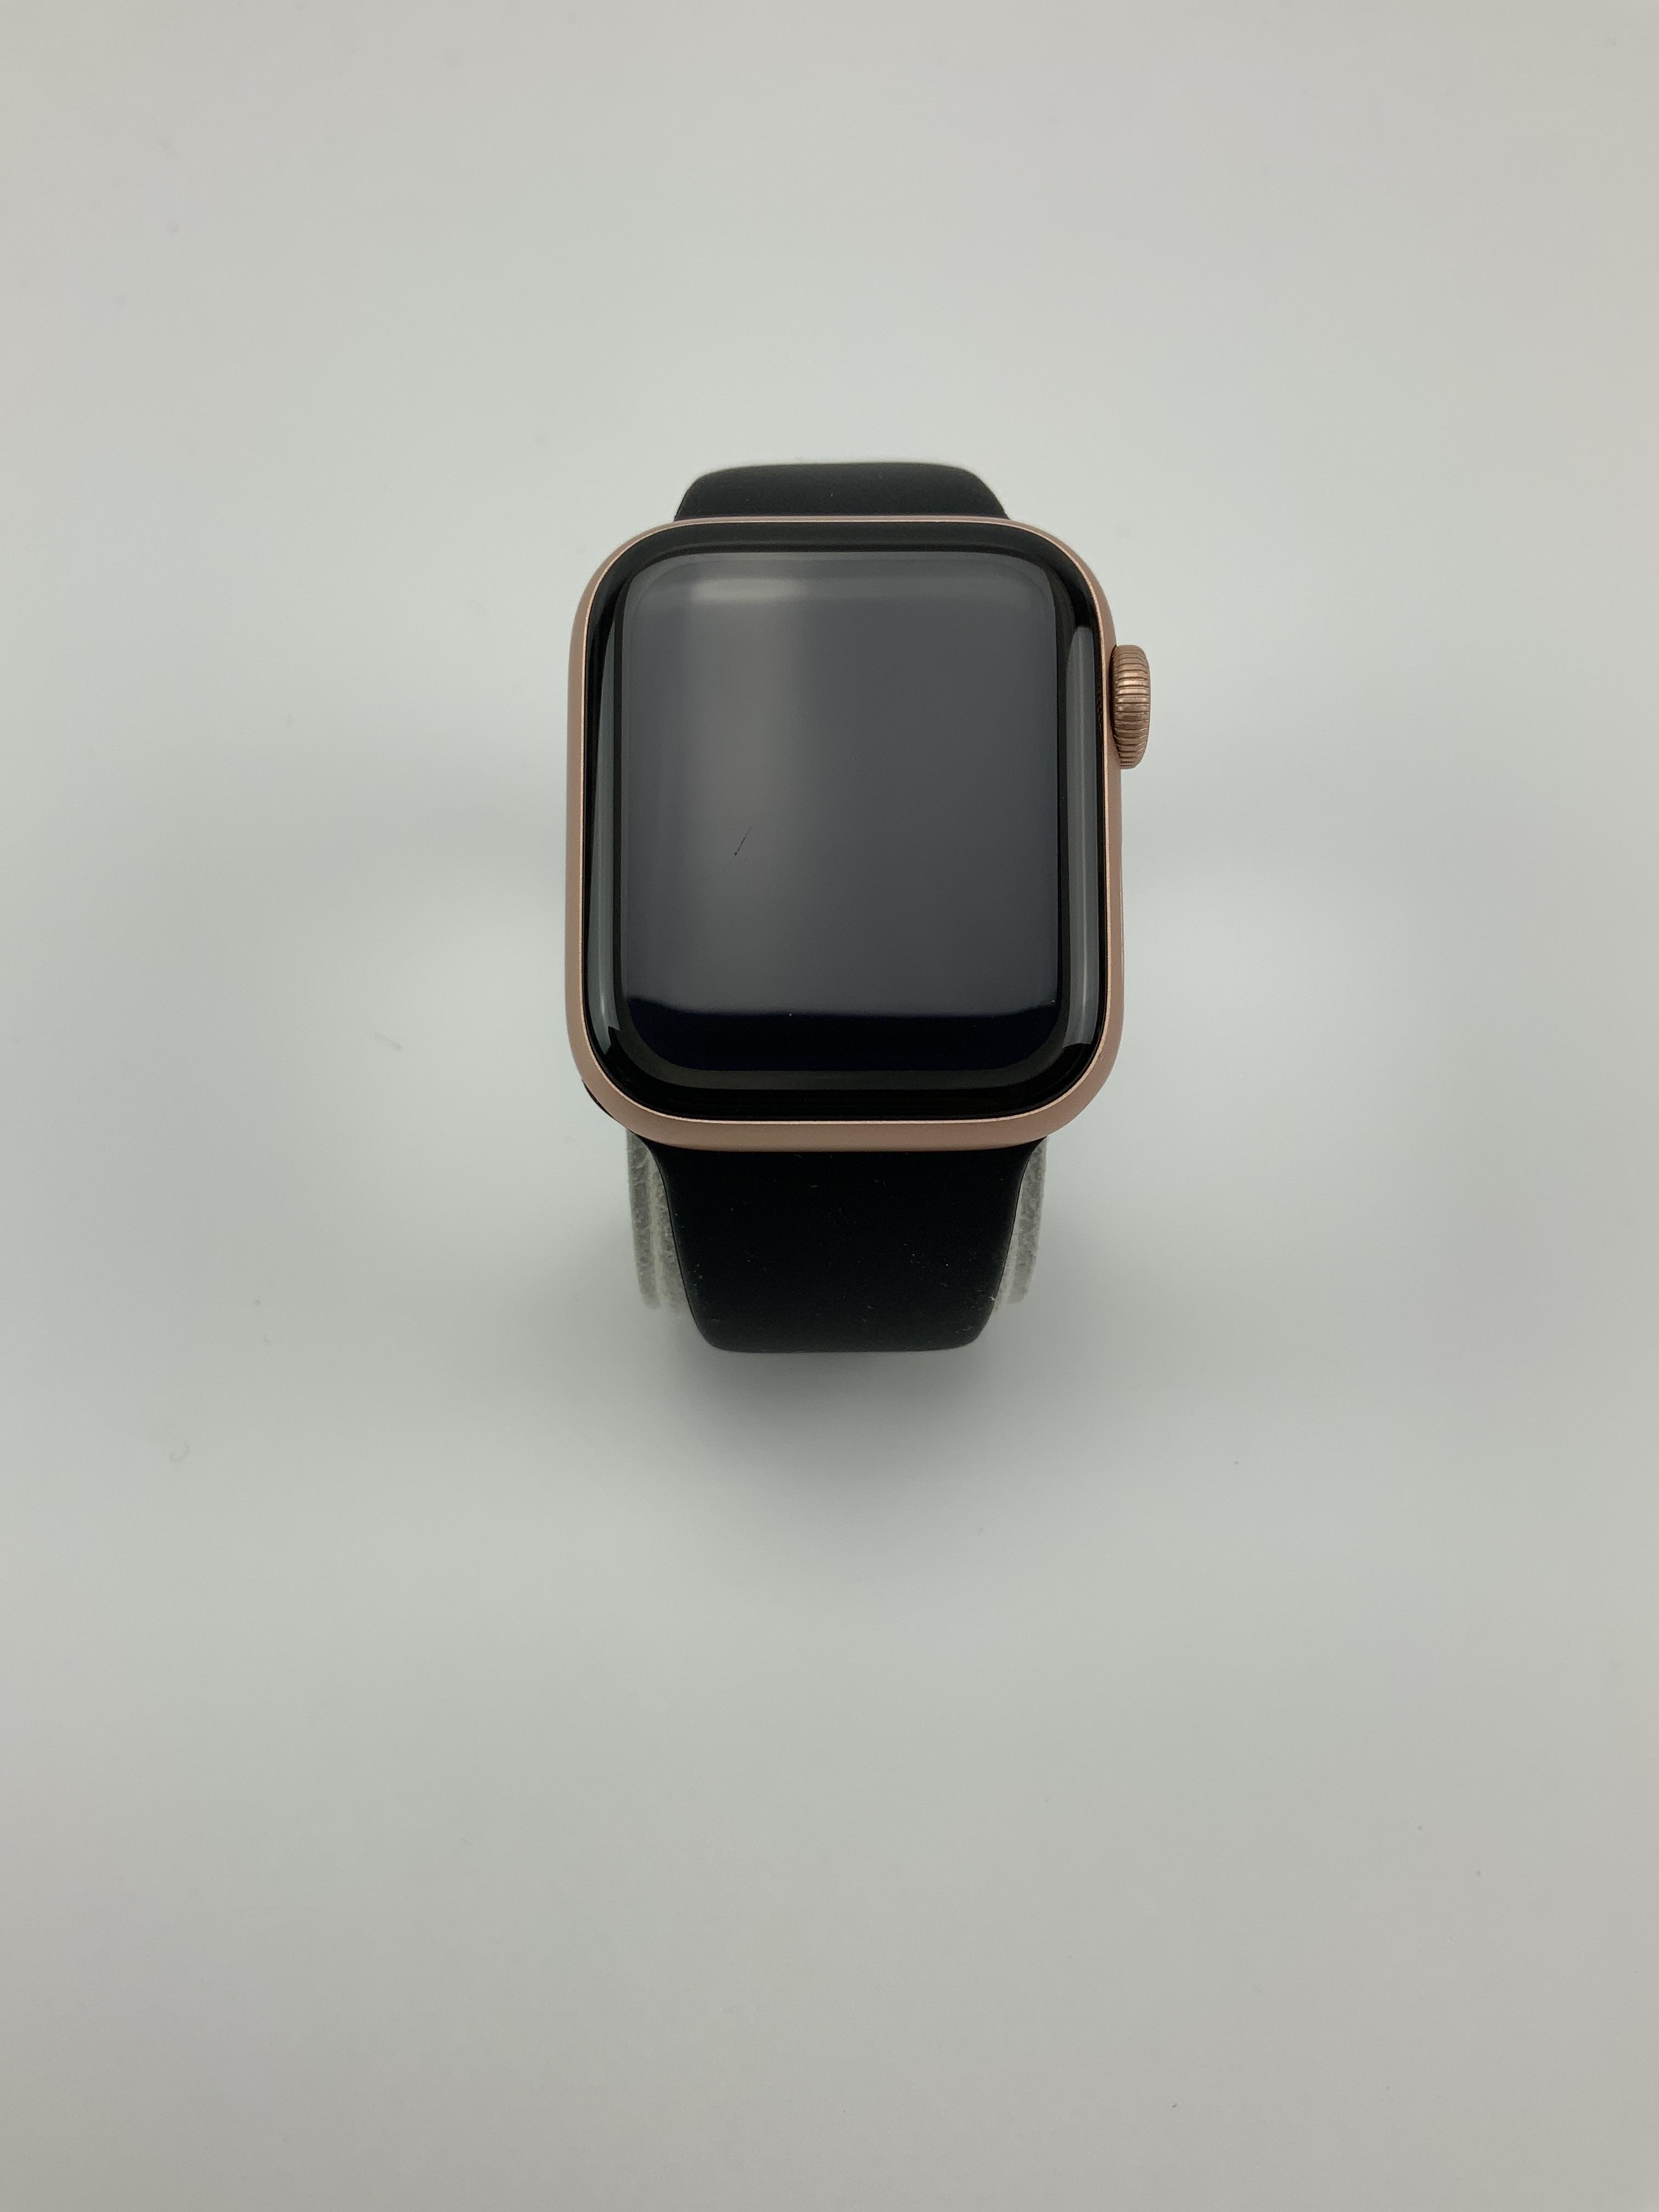 Watch Series 5 Aluminum Cellular (40mm), Gold, imagen 1